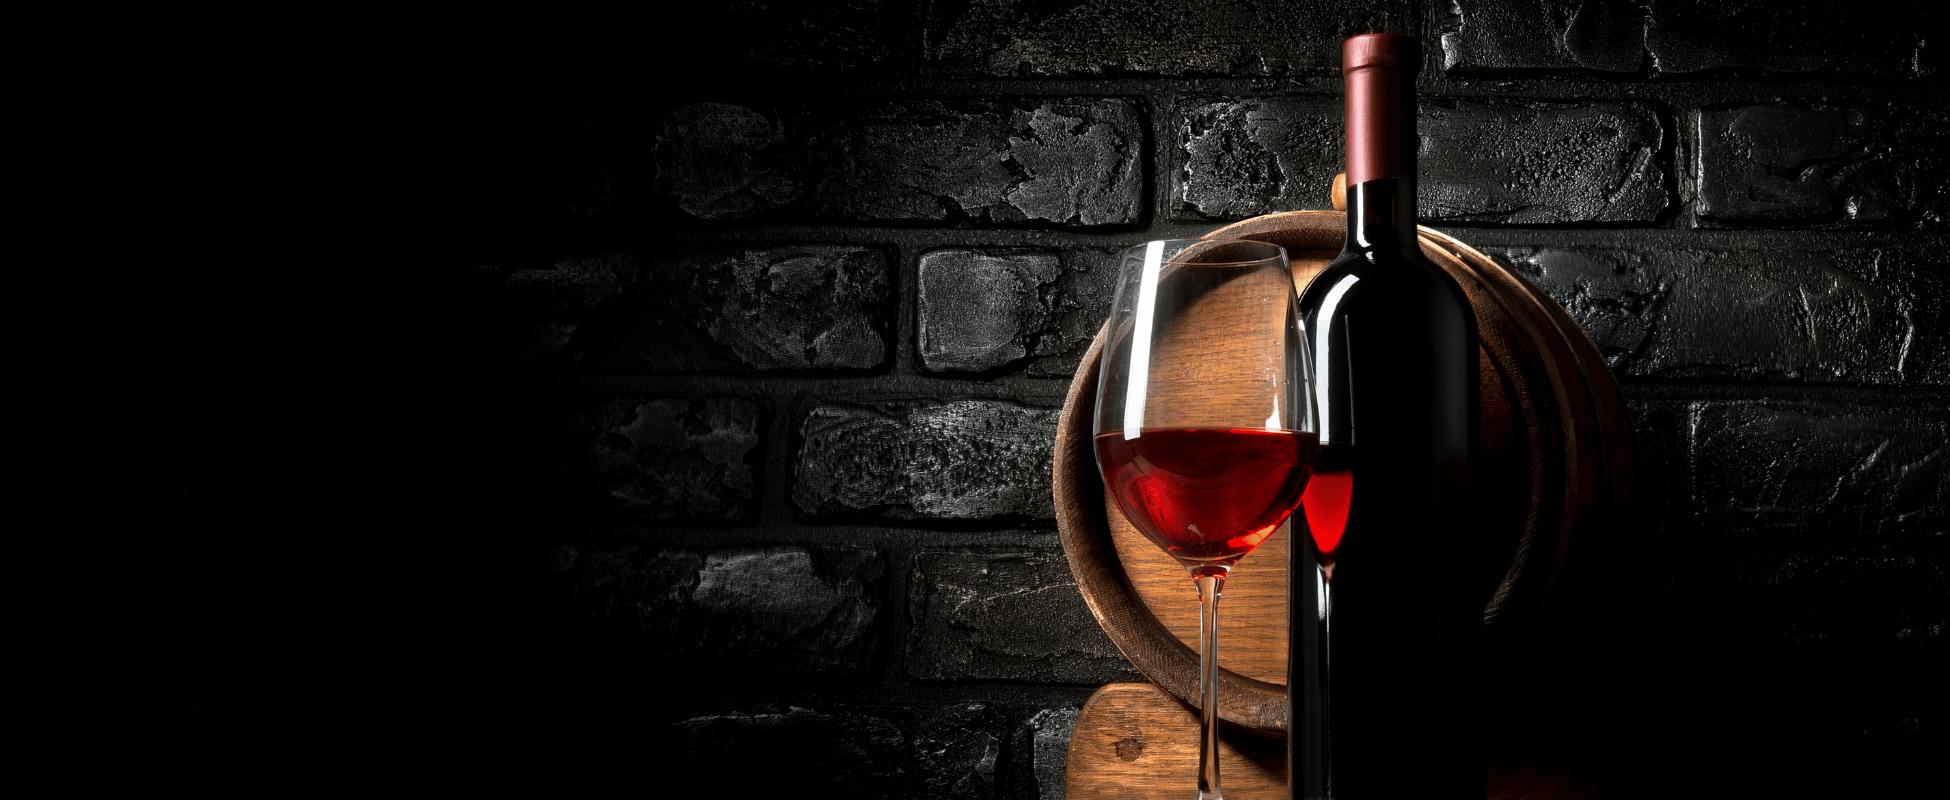 Comment construire une cave à vin enterrée?